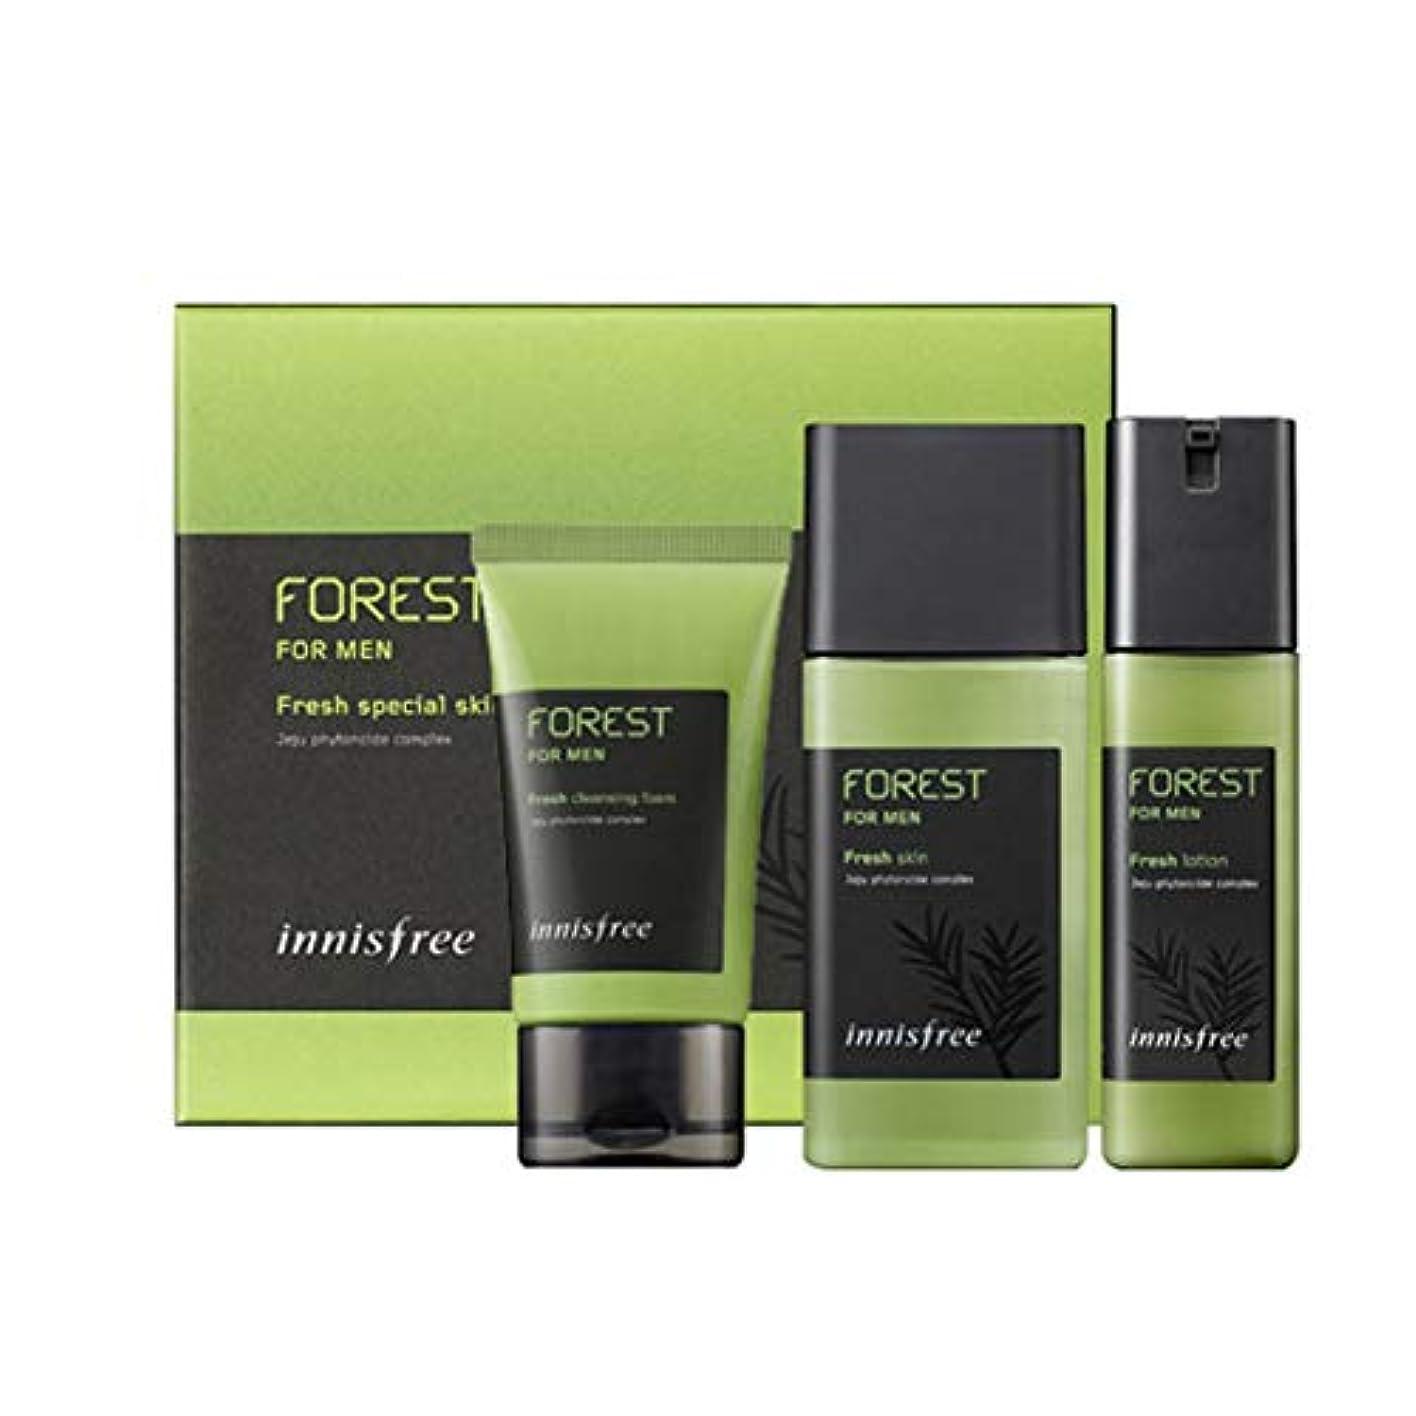 テント円形の飛行機イニスフリーフォレストフォーマンフレッシュスキンケアセットスキンローションクレンジングフォームメンズコスメ 韓国コスメ、innisfree Forest for Men Fresh Skincare Set Skin Lotion...